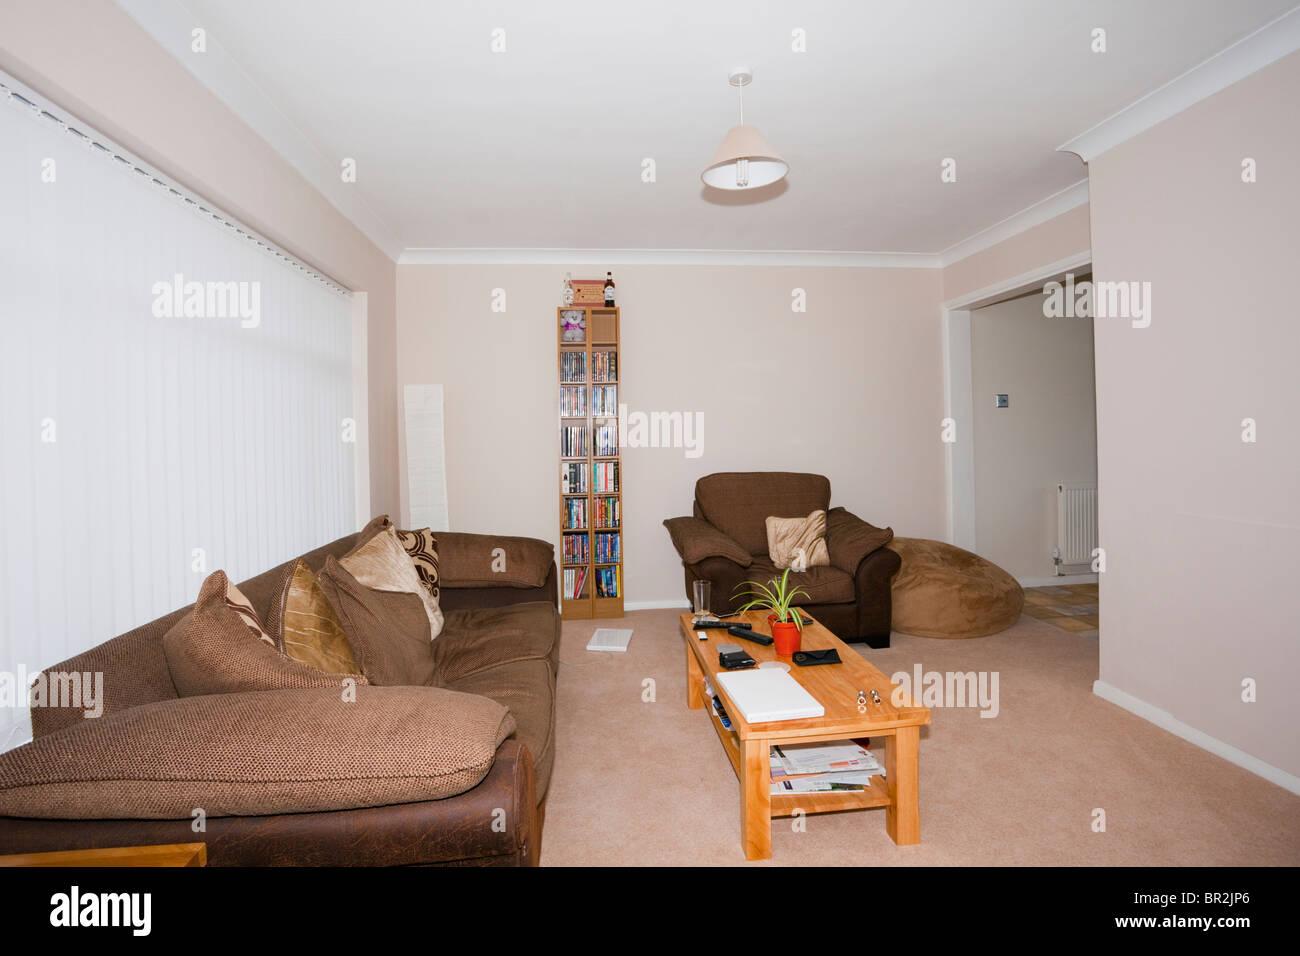 Sofa, Sessel und Tisch in einem ordentlich modernen minimalistischen Wohnzimmer mit Fenster-Vorhänge im englischen Stockbild